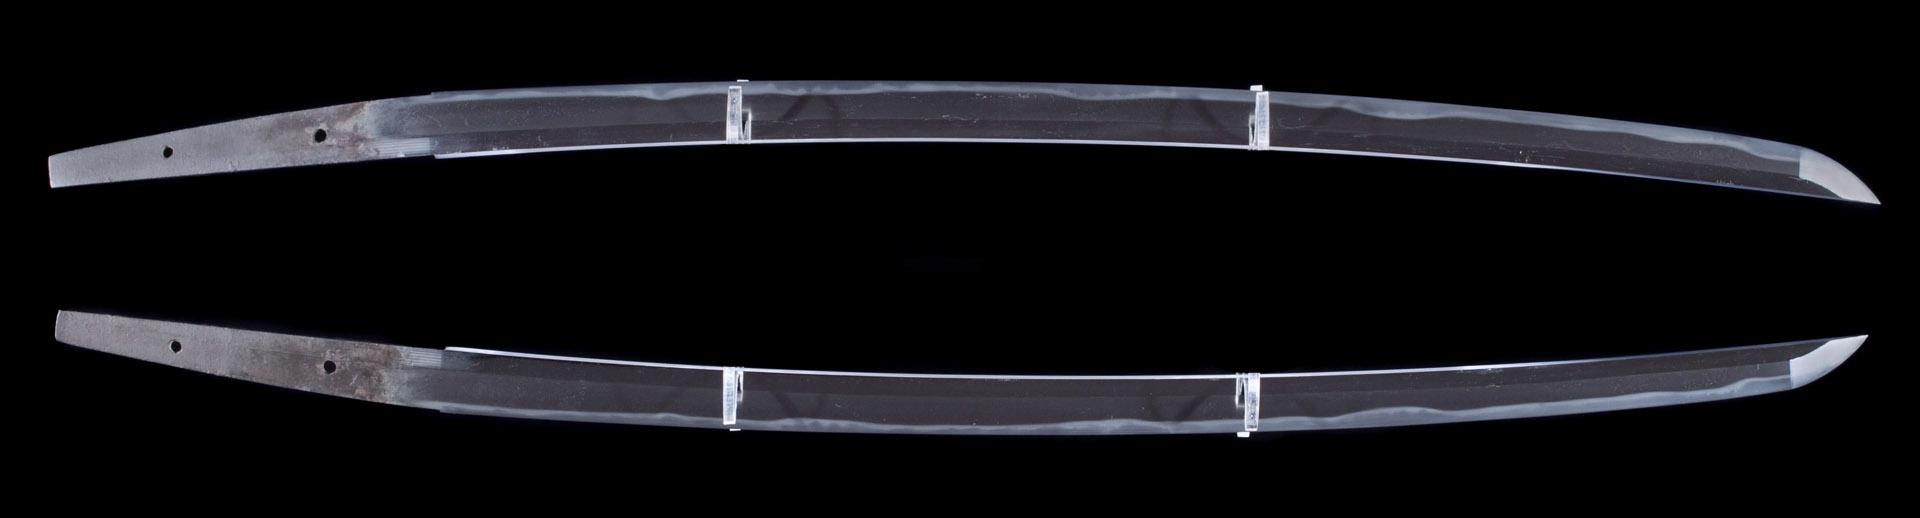 Katana Sengo japanese sword (1)